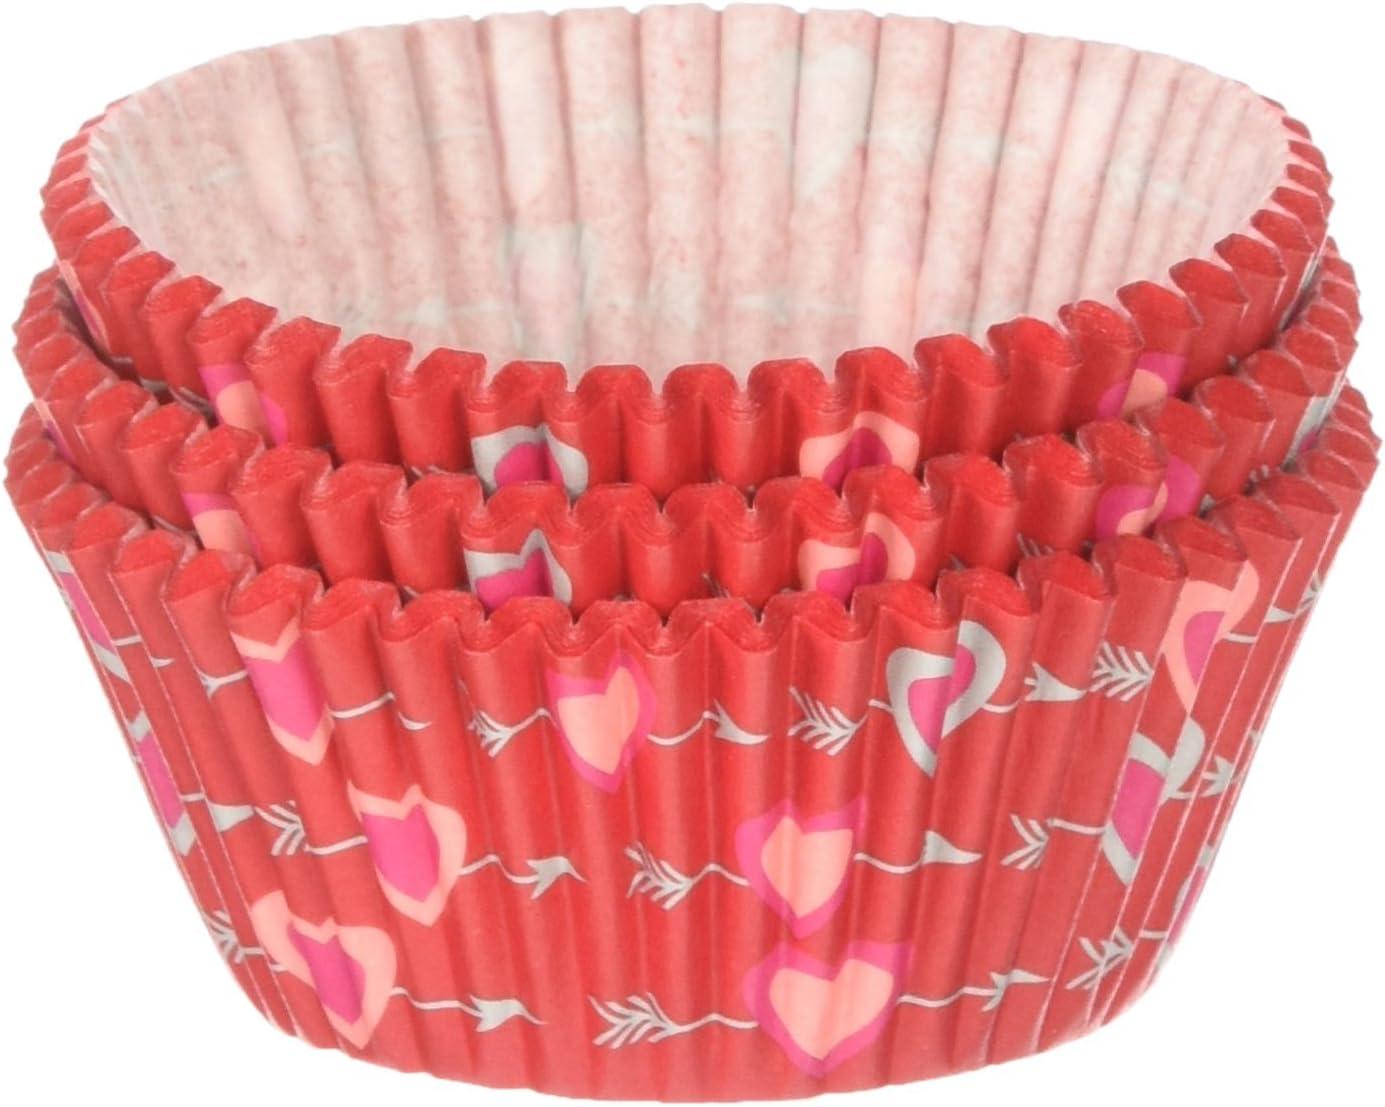 Wilton Heartfelt Award Valentine Excellent Baking Cups